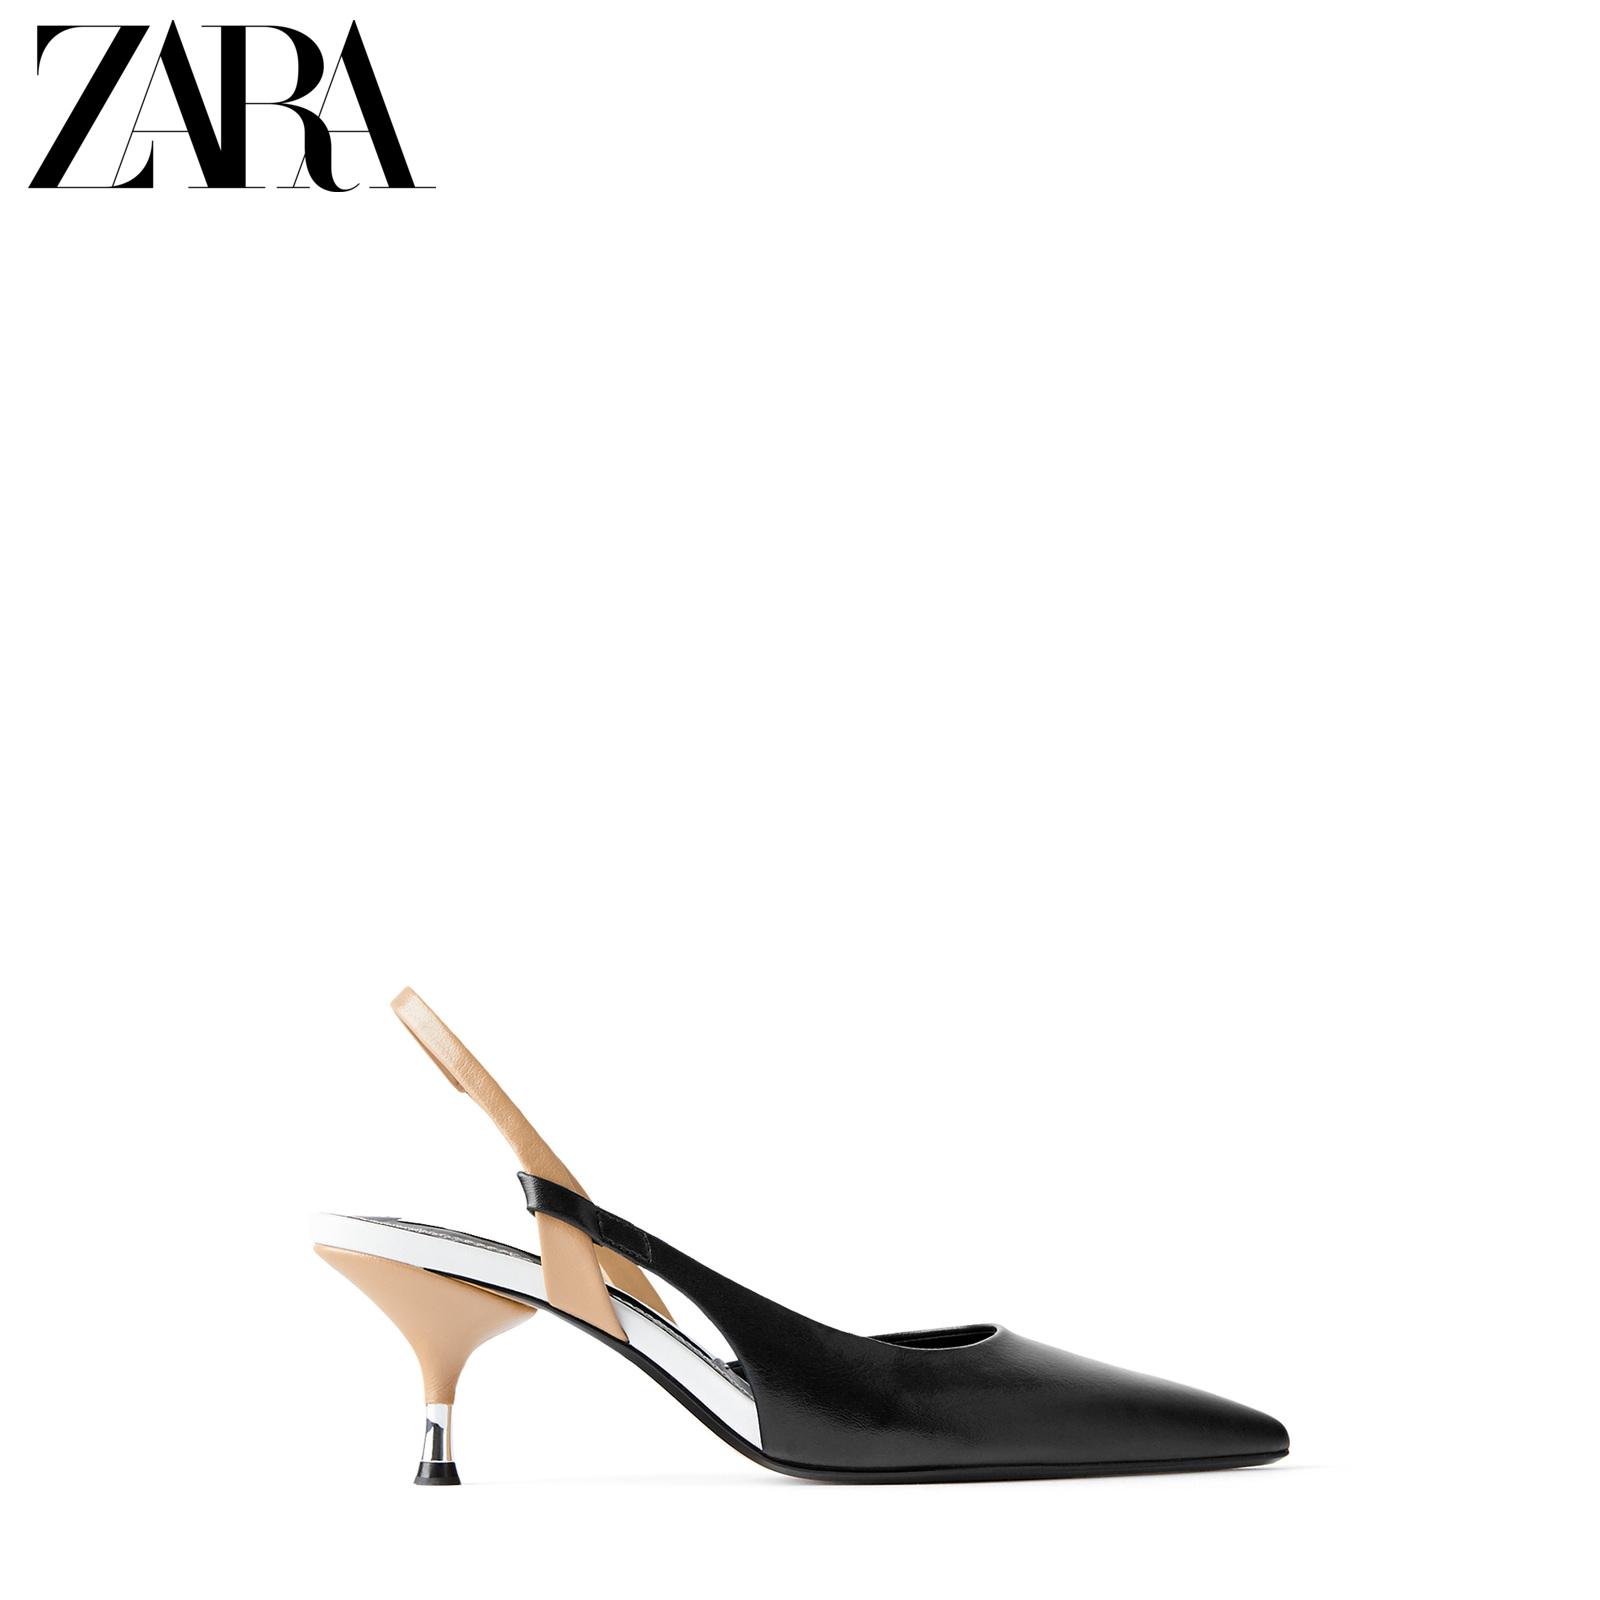 ZARA 新款 女鞋 黑色露跟细跟高跟鞋 12210510040